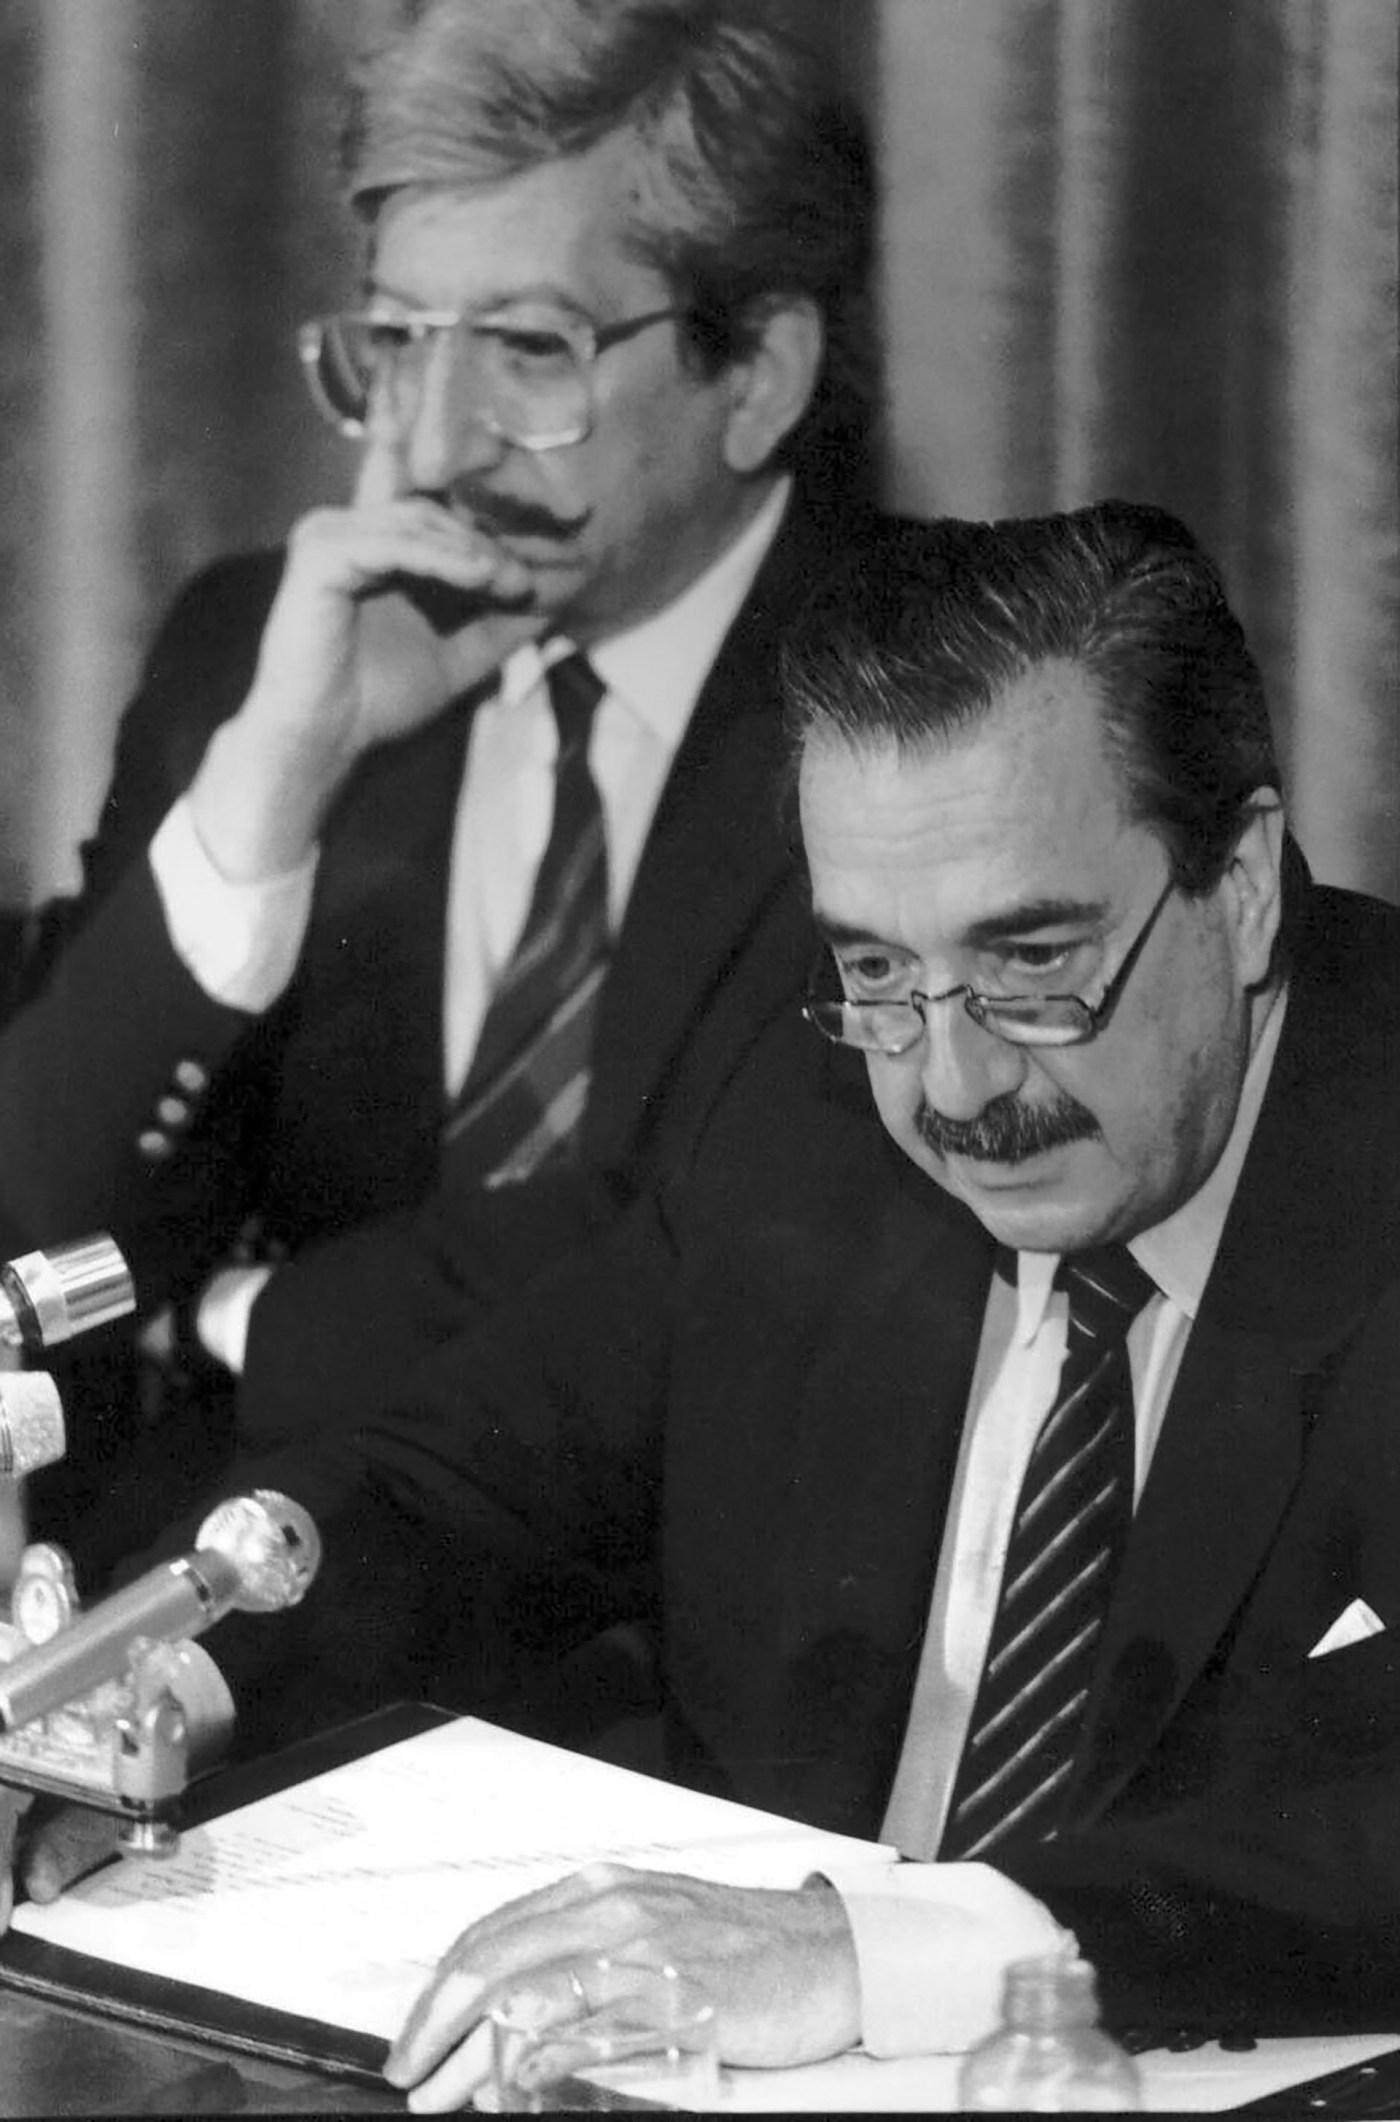 El ex presidente junto a su canciller, Dante Caputo, durante la resolución del conflicto del Beagle